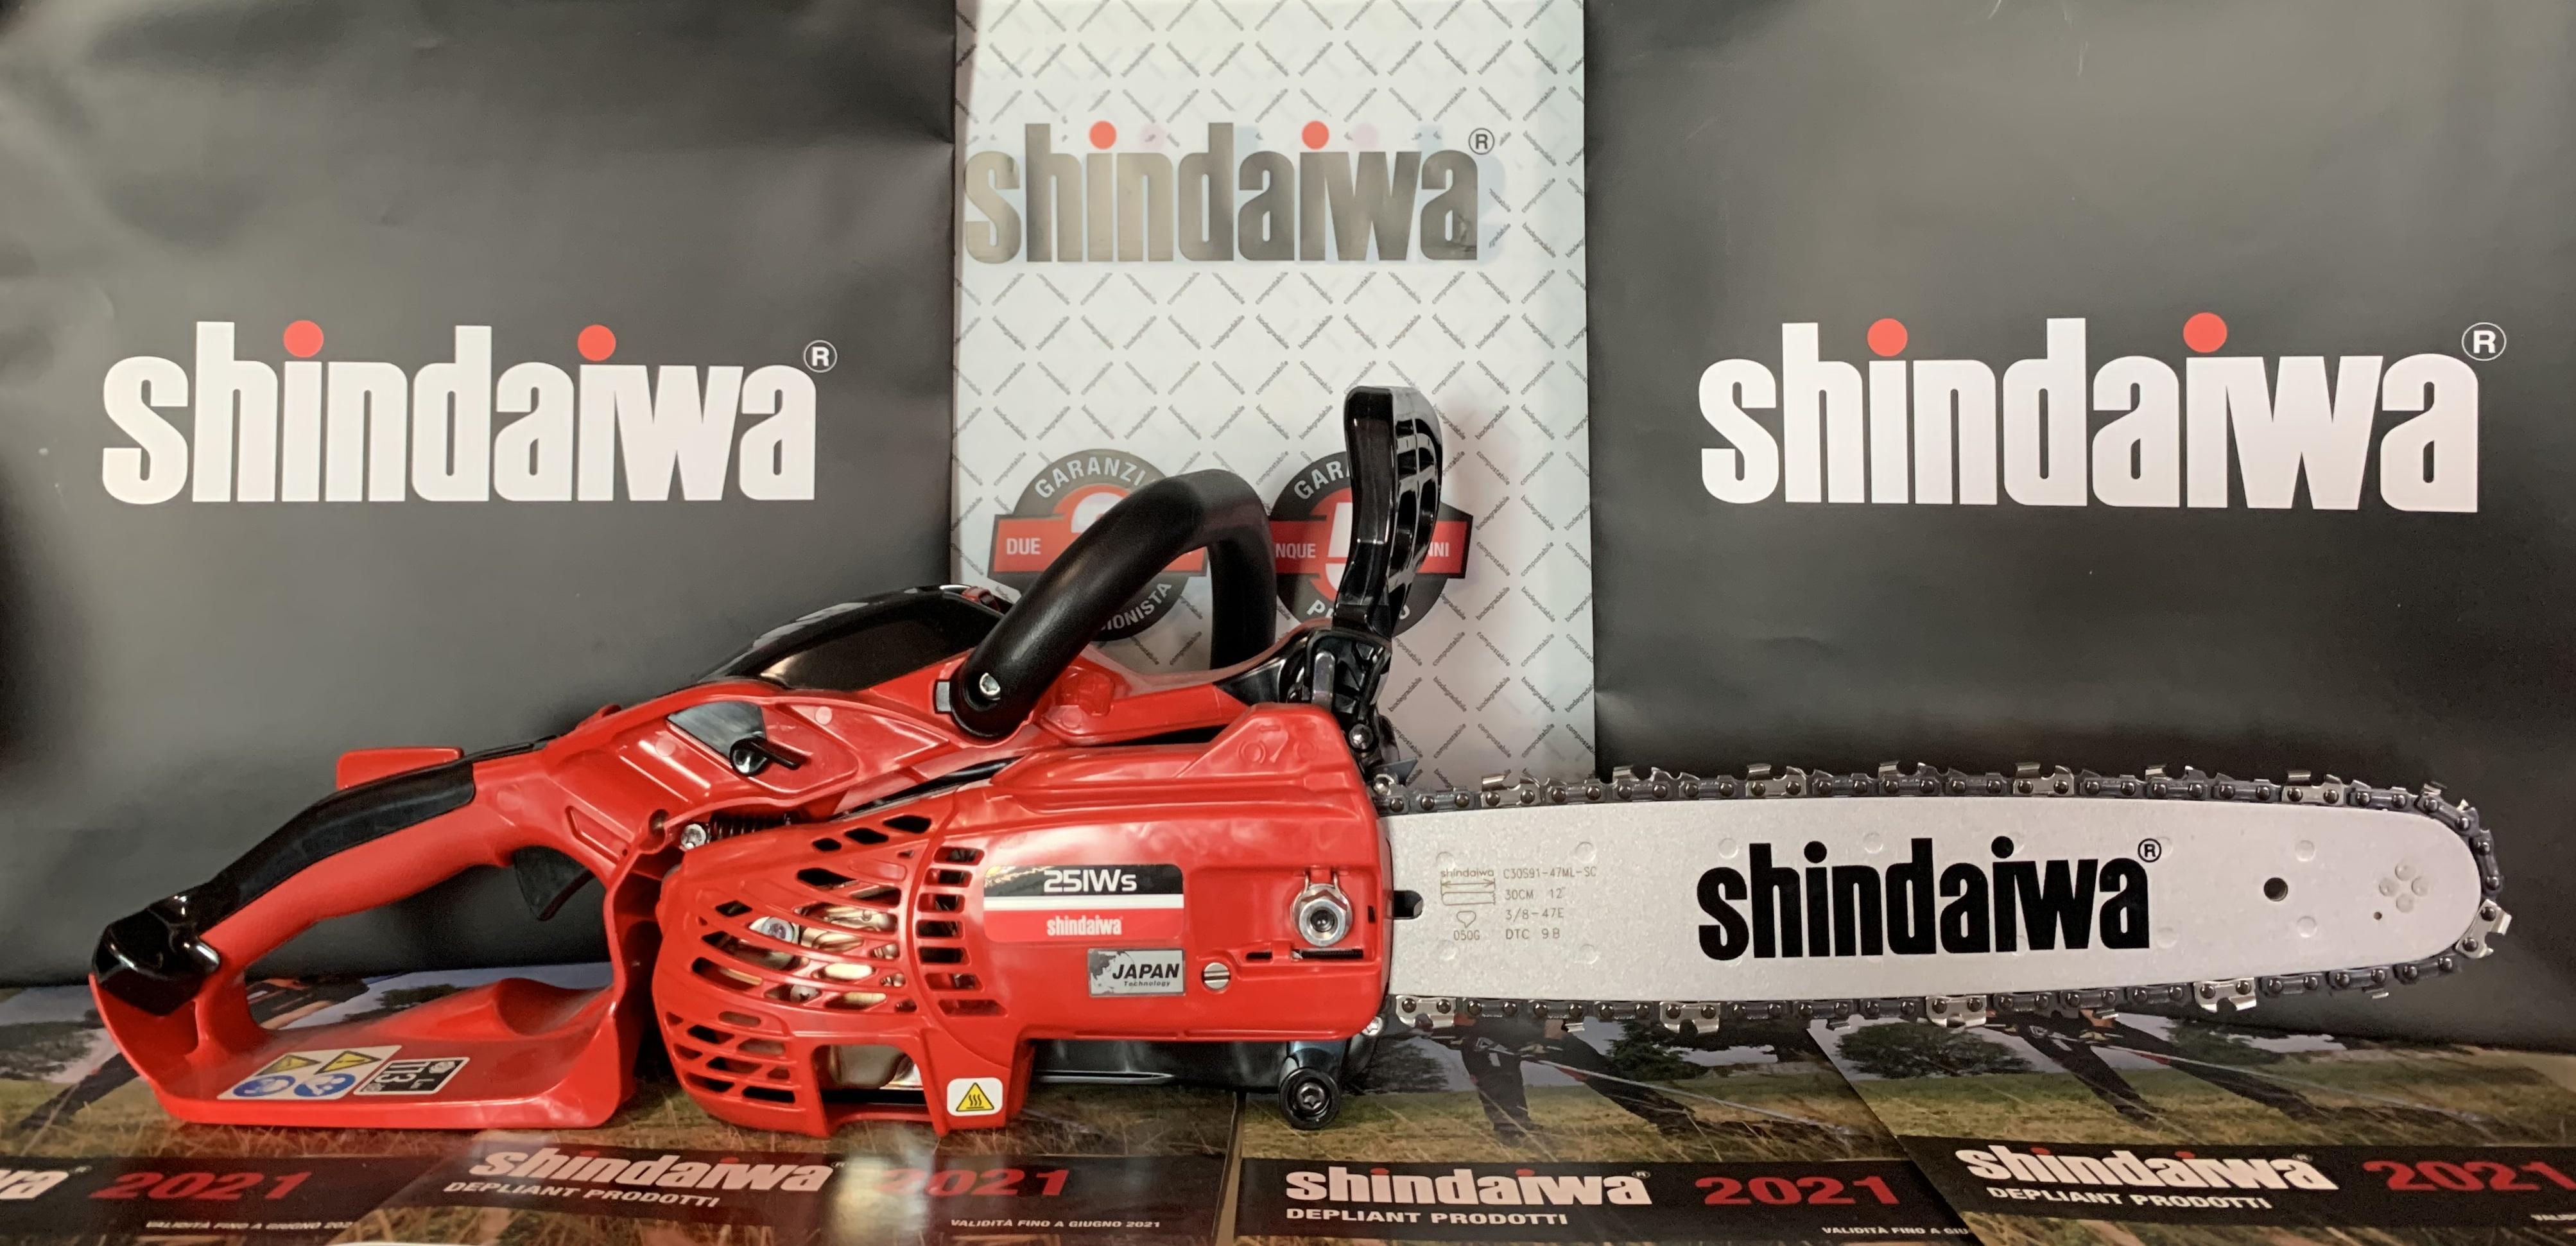 MOTOSEGA SHINDAIWA 251WS 25 cc - 1,1 Kw DOPPIA IMPUGNATURA LEGGERA E PROFESSIONALE